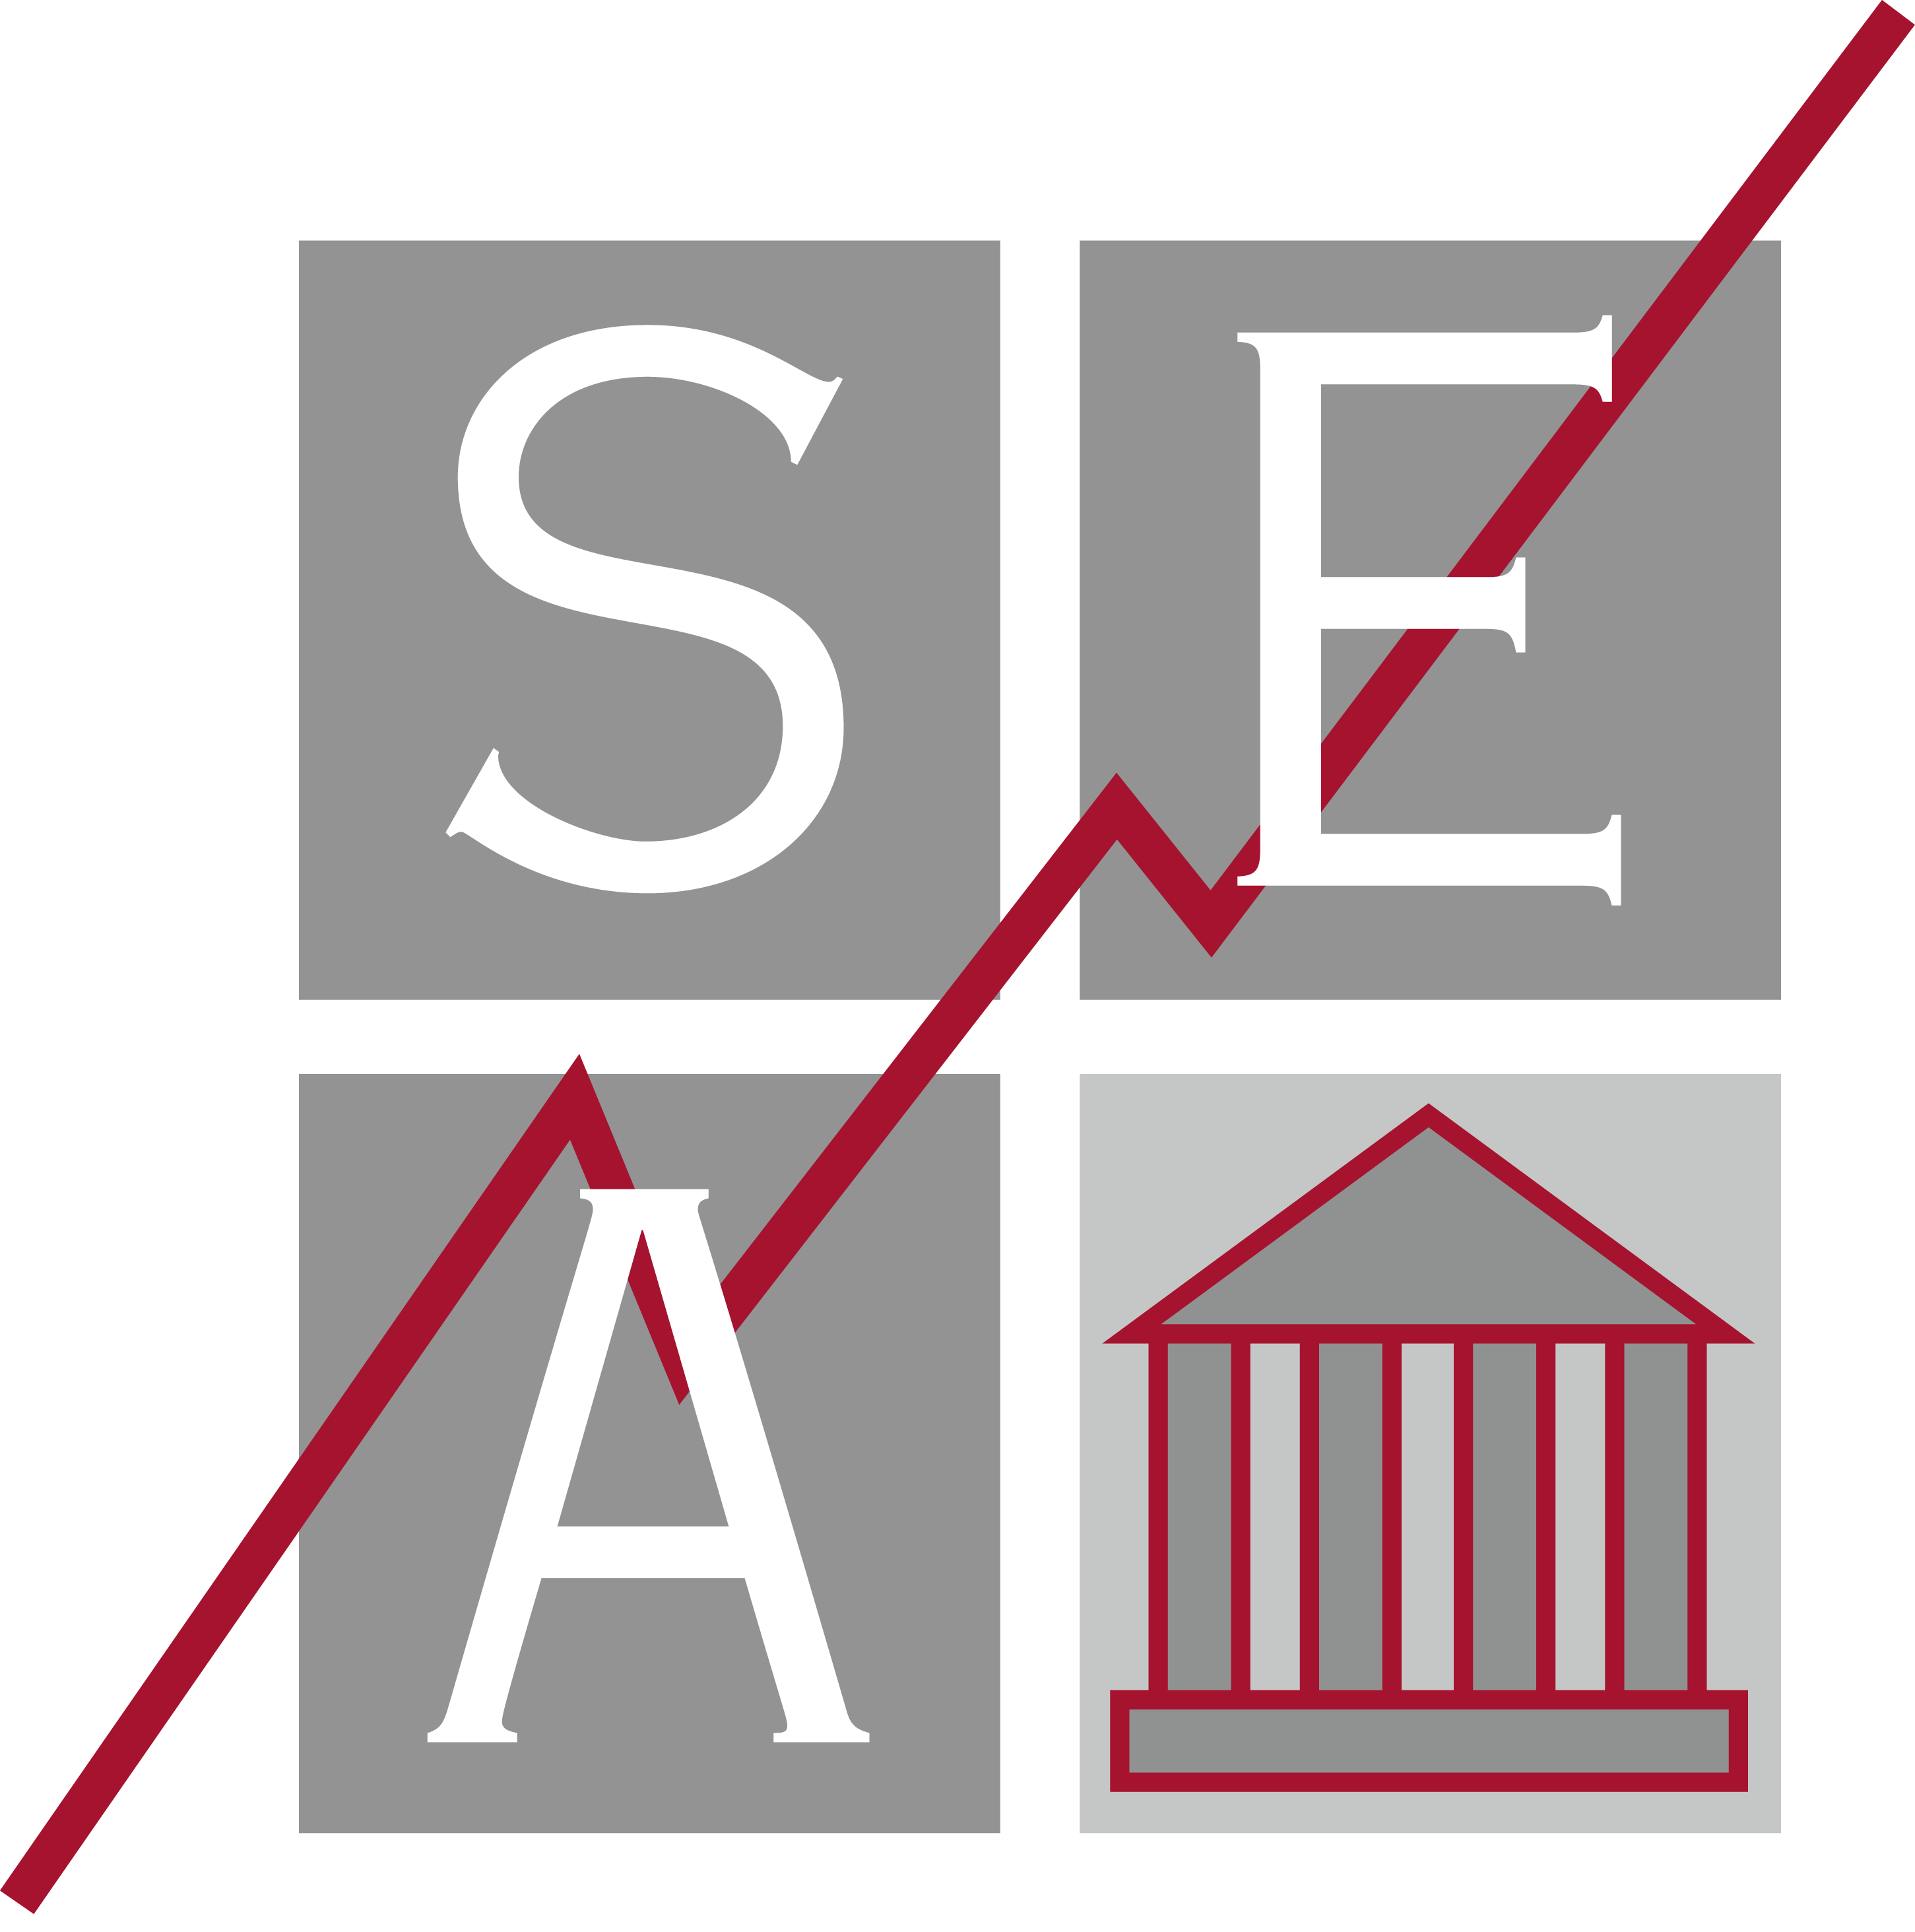 SEA - Gestion de portefeuille, gestion de patrimoine et courtage d'assurance - Lorraine - Nancy - Metz - Epinal